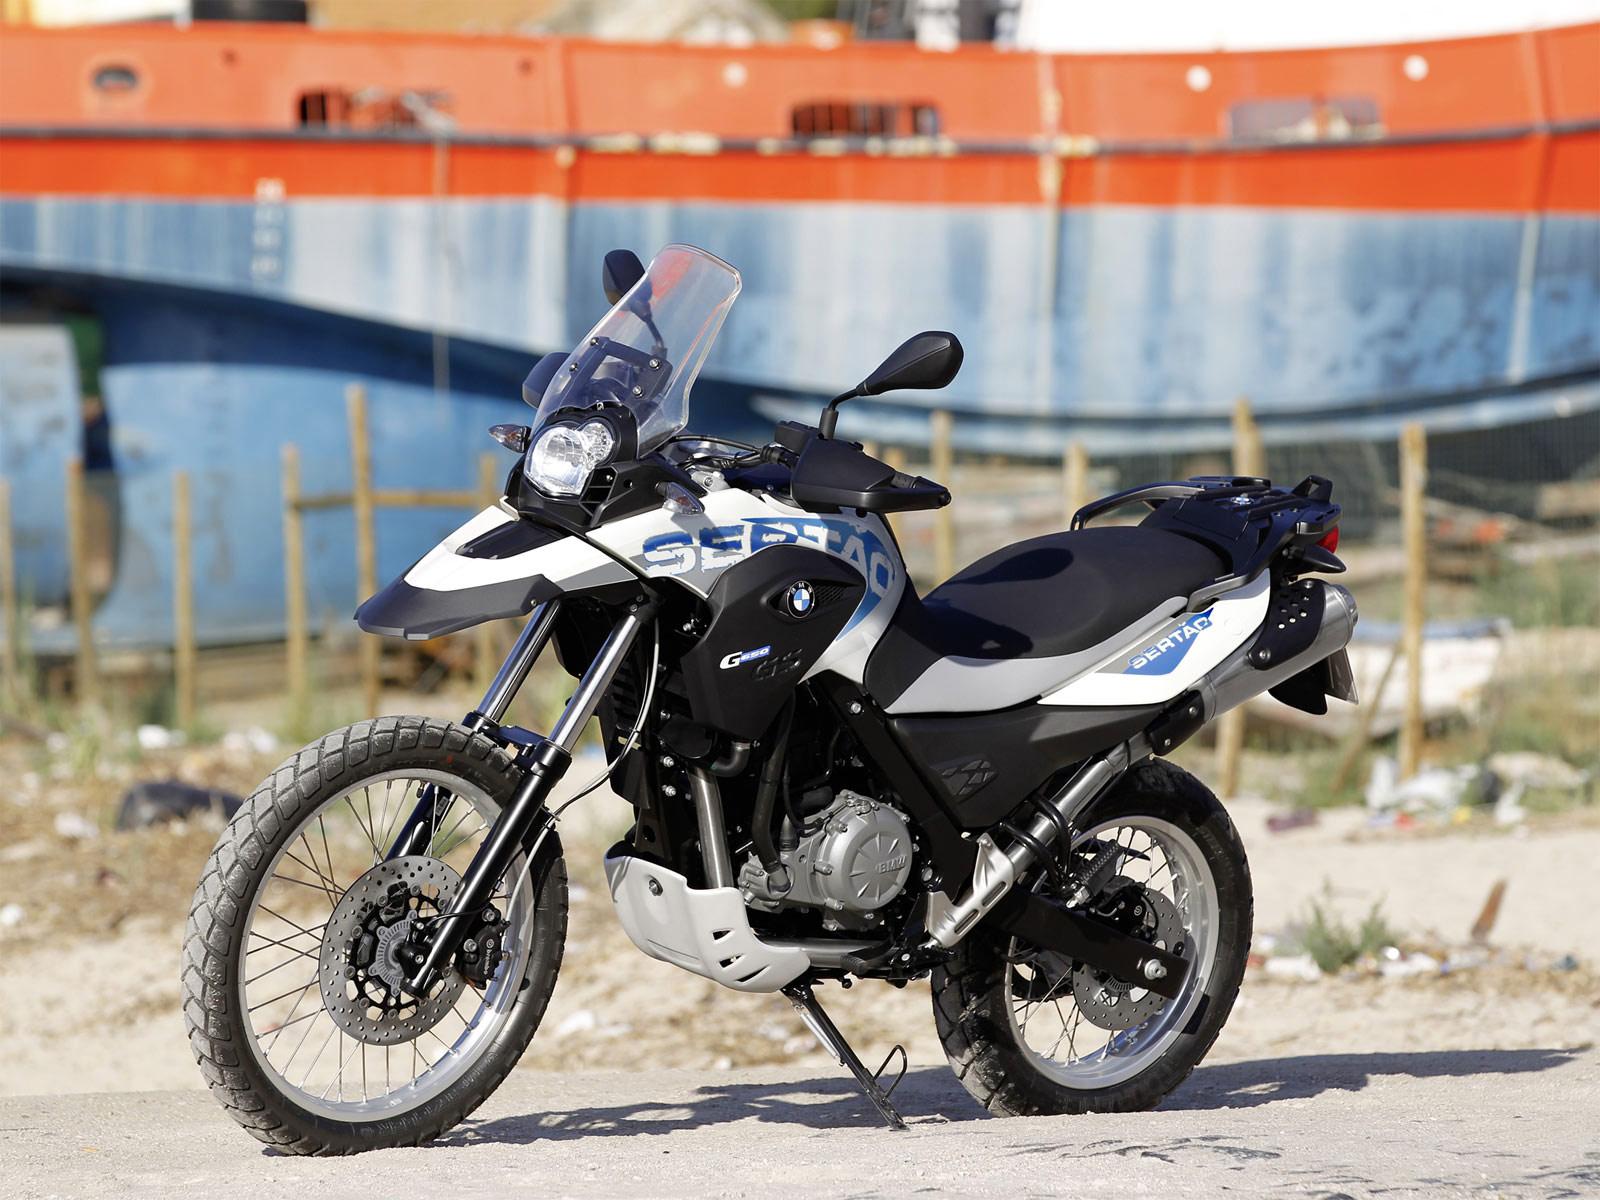 http://3.bp.blogspot.com/-VipDKJ-U1f4/To1jm9l2eAI/AAAAAAAAFK0/E45g6r0eni4/s1600/G650GS_Sertao_2012_BMW_desktop-wallpapers_04.jpg